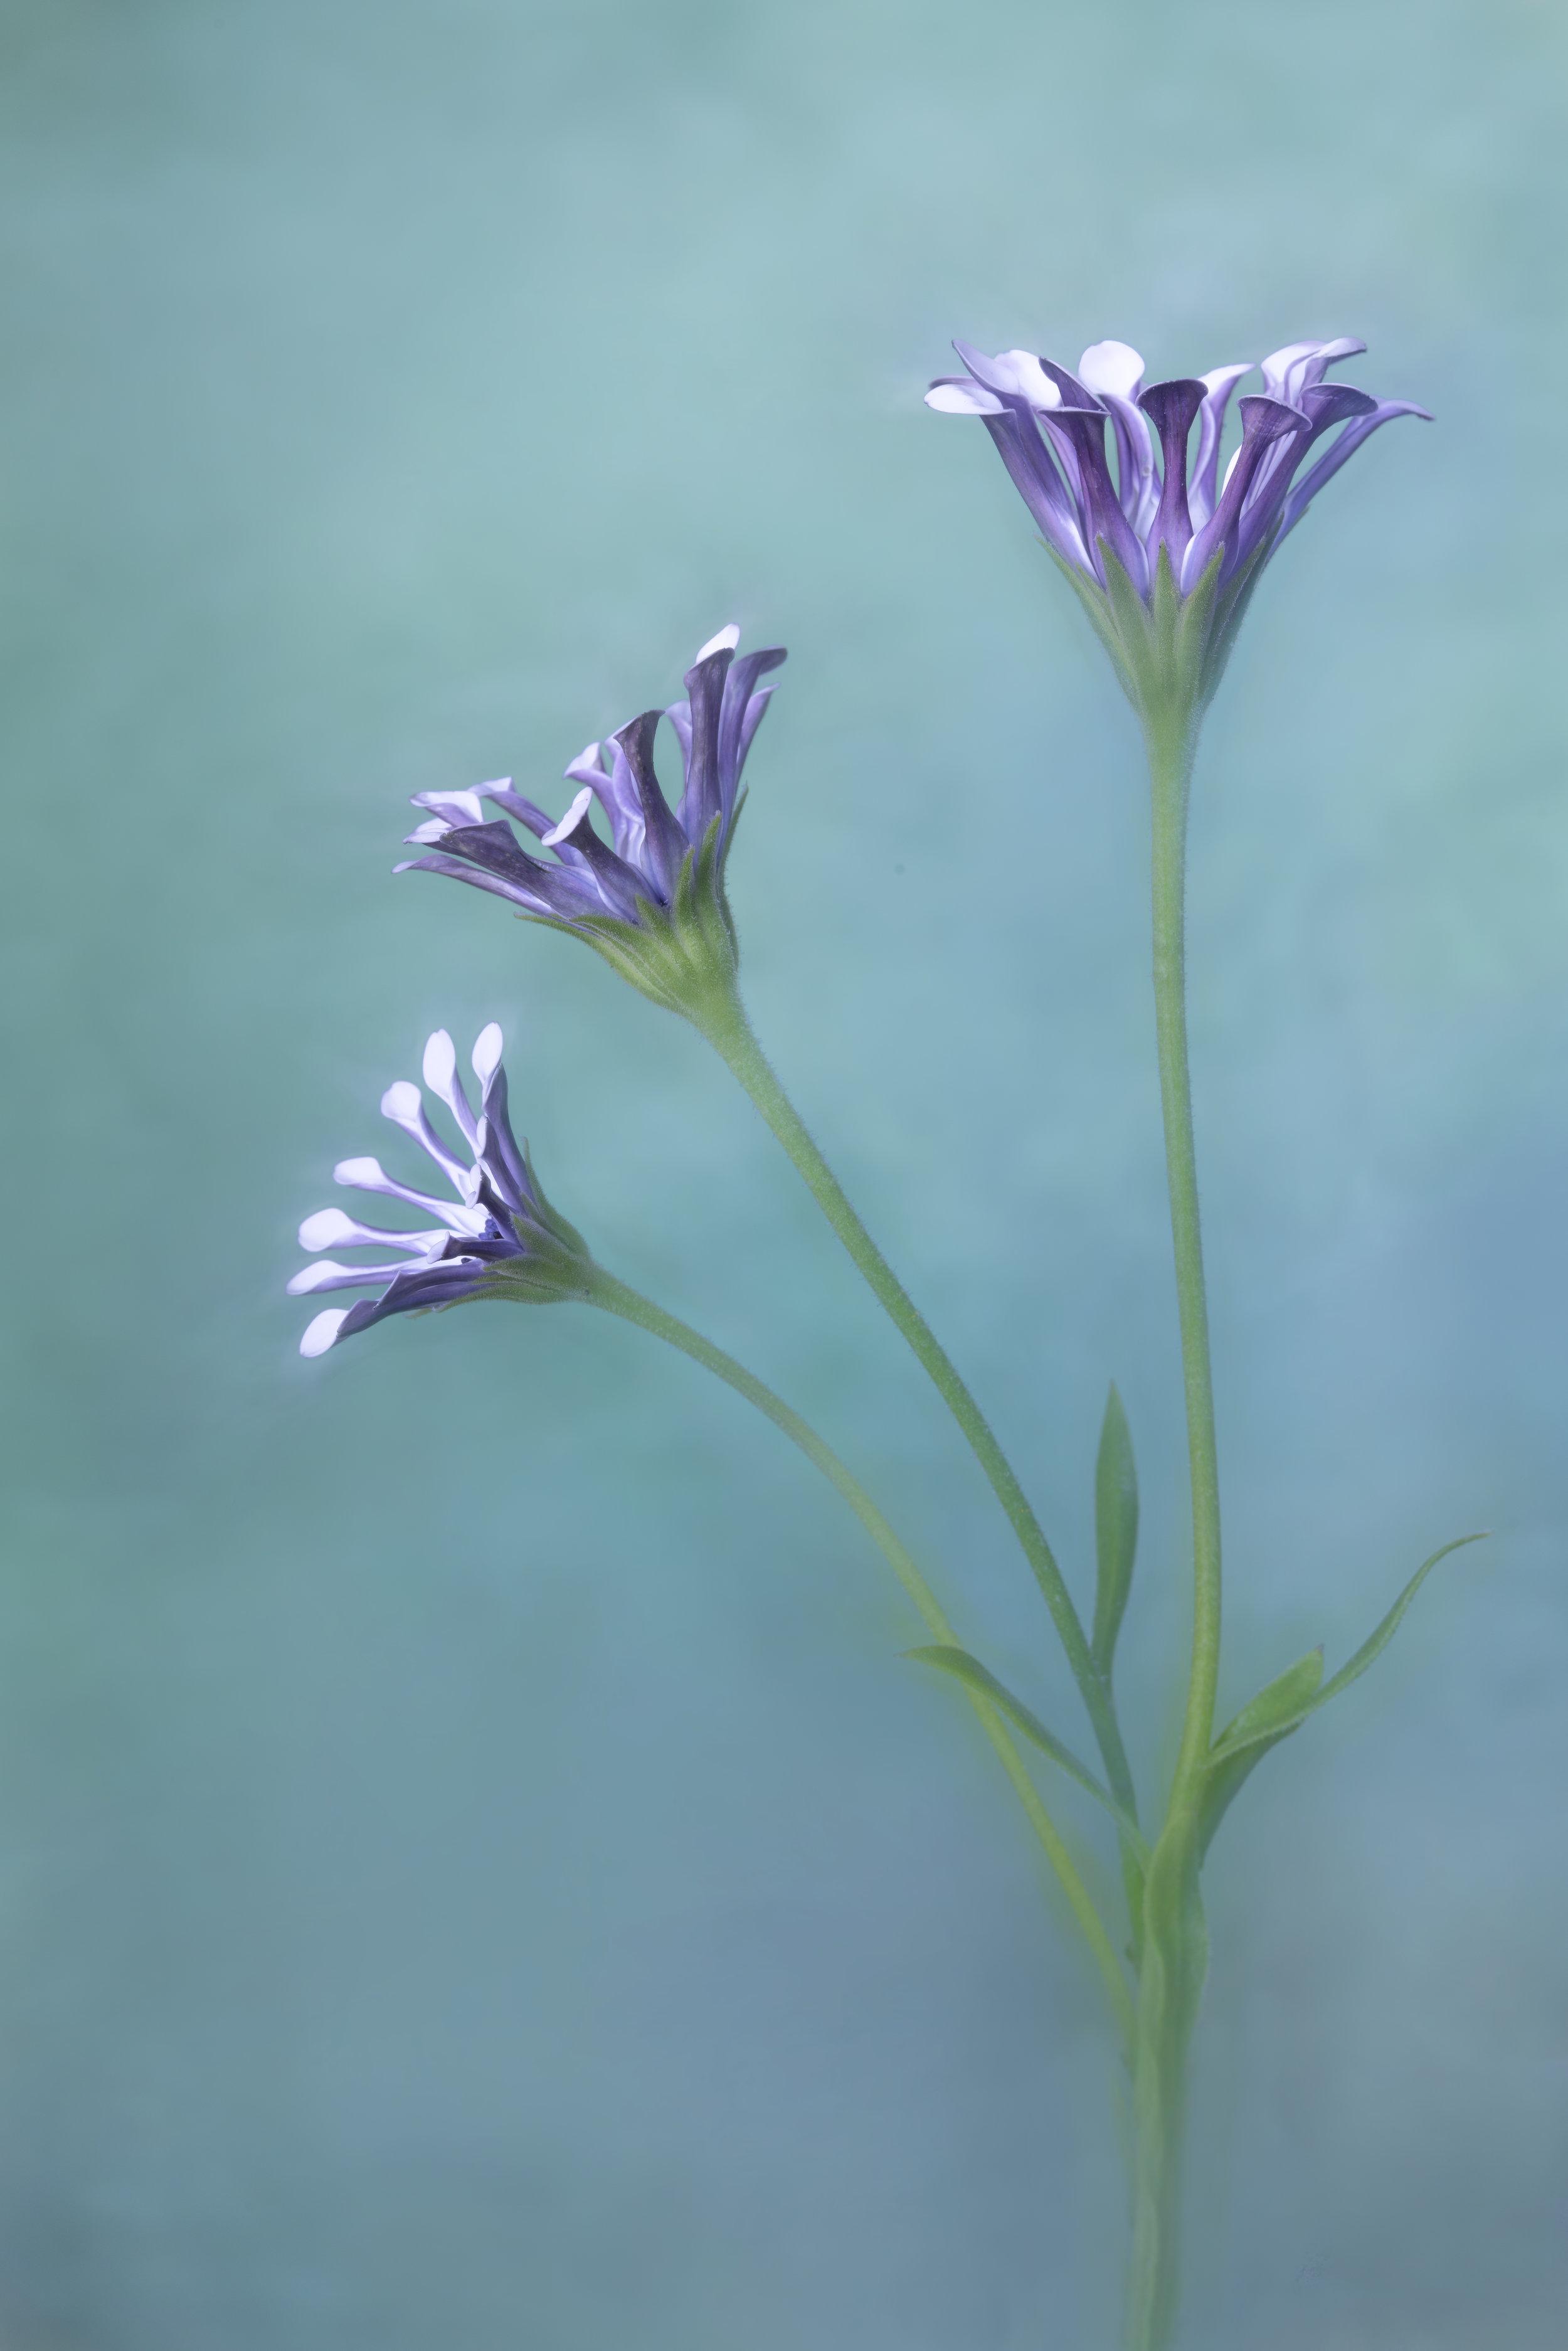 Maggie Yates Flowers-43.jpg